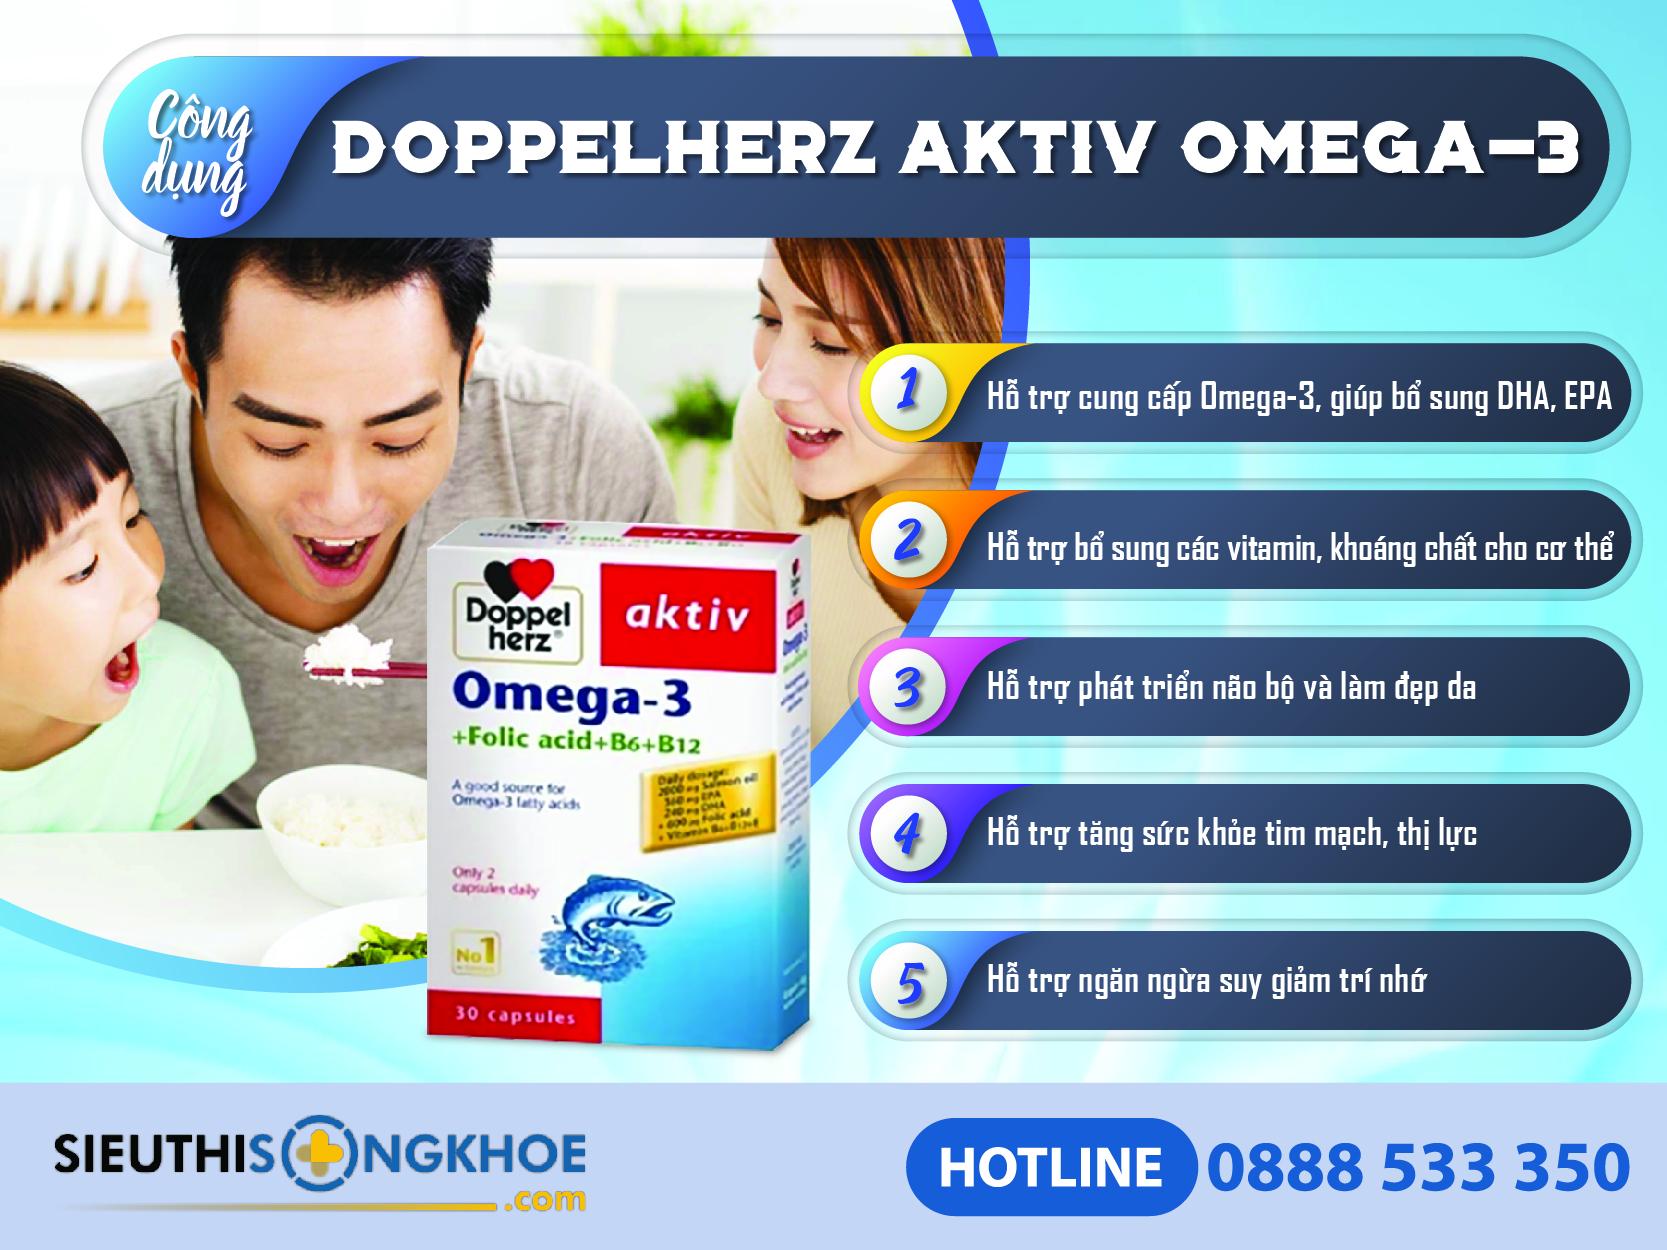 cong dung dau ca doppelherz aktiv omega 3